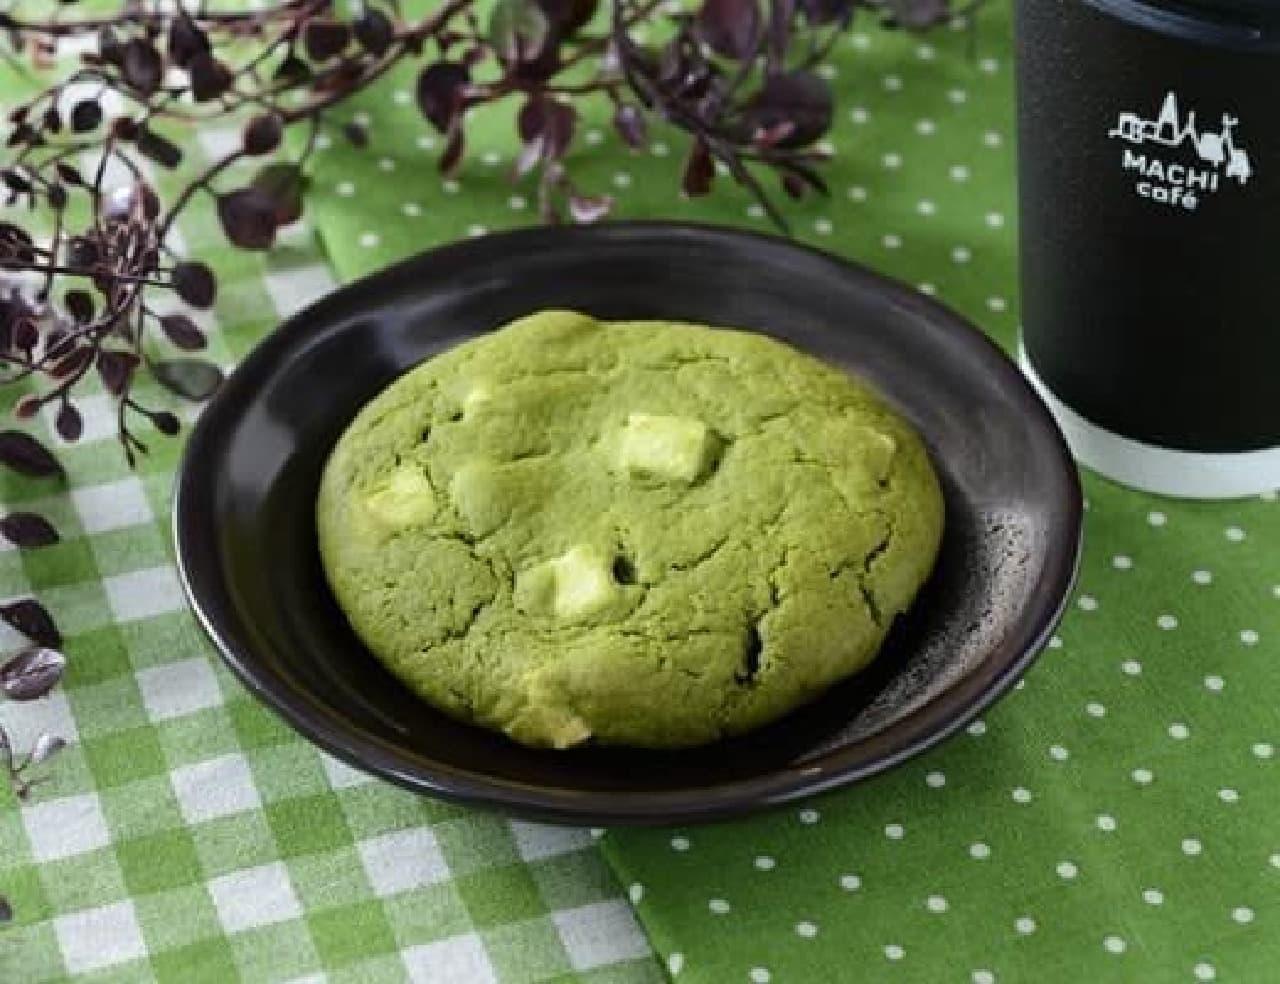 ローソン「抹茶のソフトクッキー(西尾産抹茶使用)」